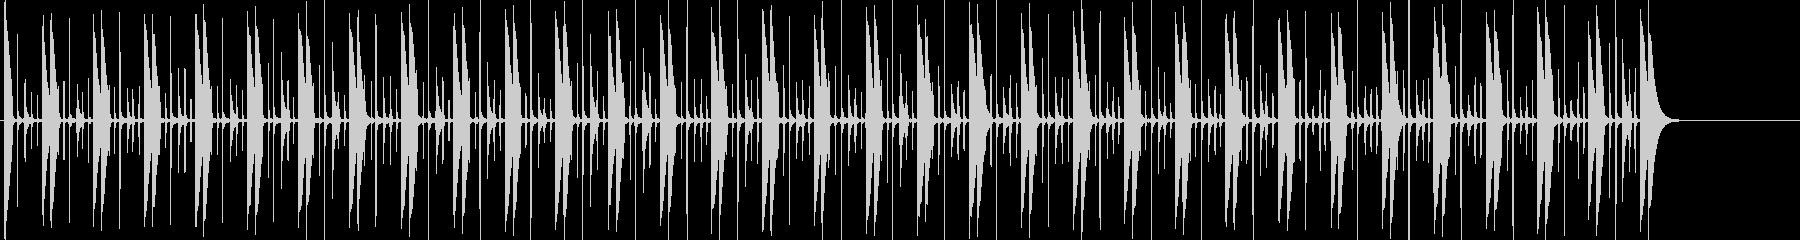 スイングコンガのビートの未再生の波形